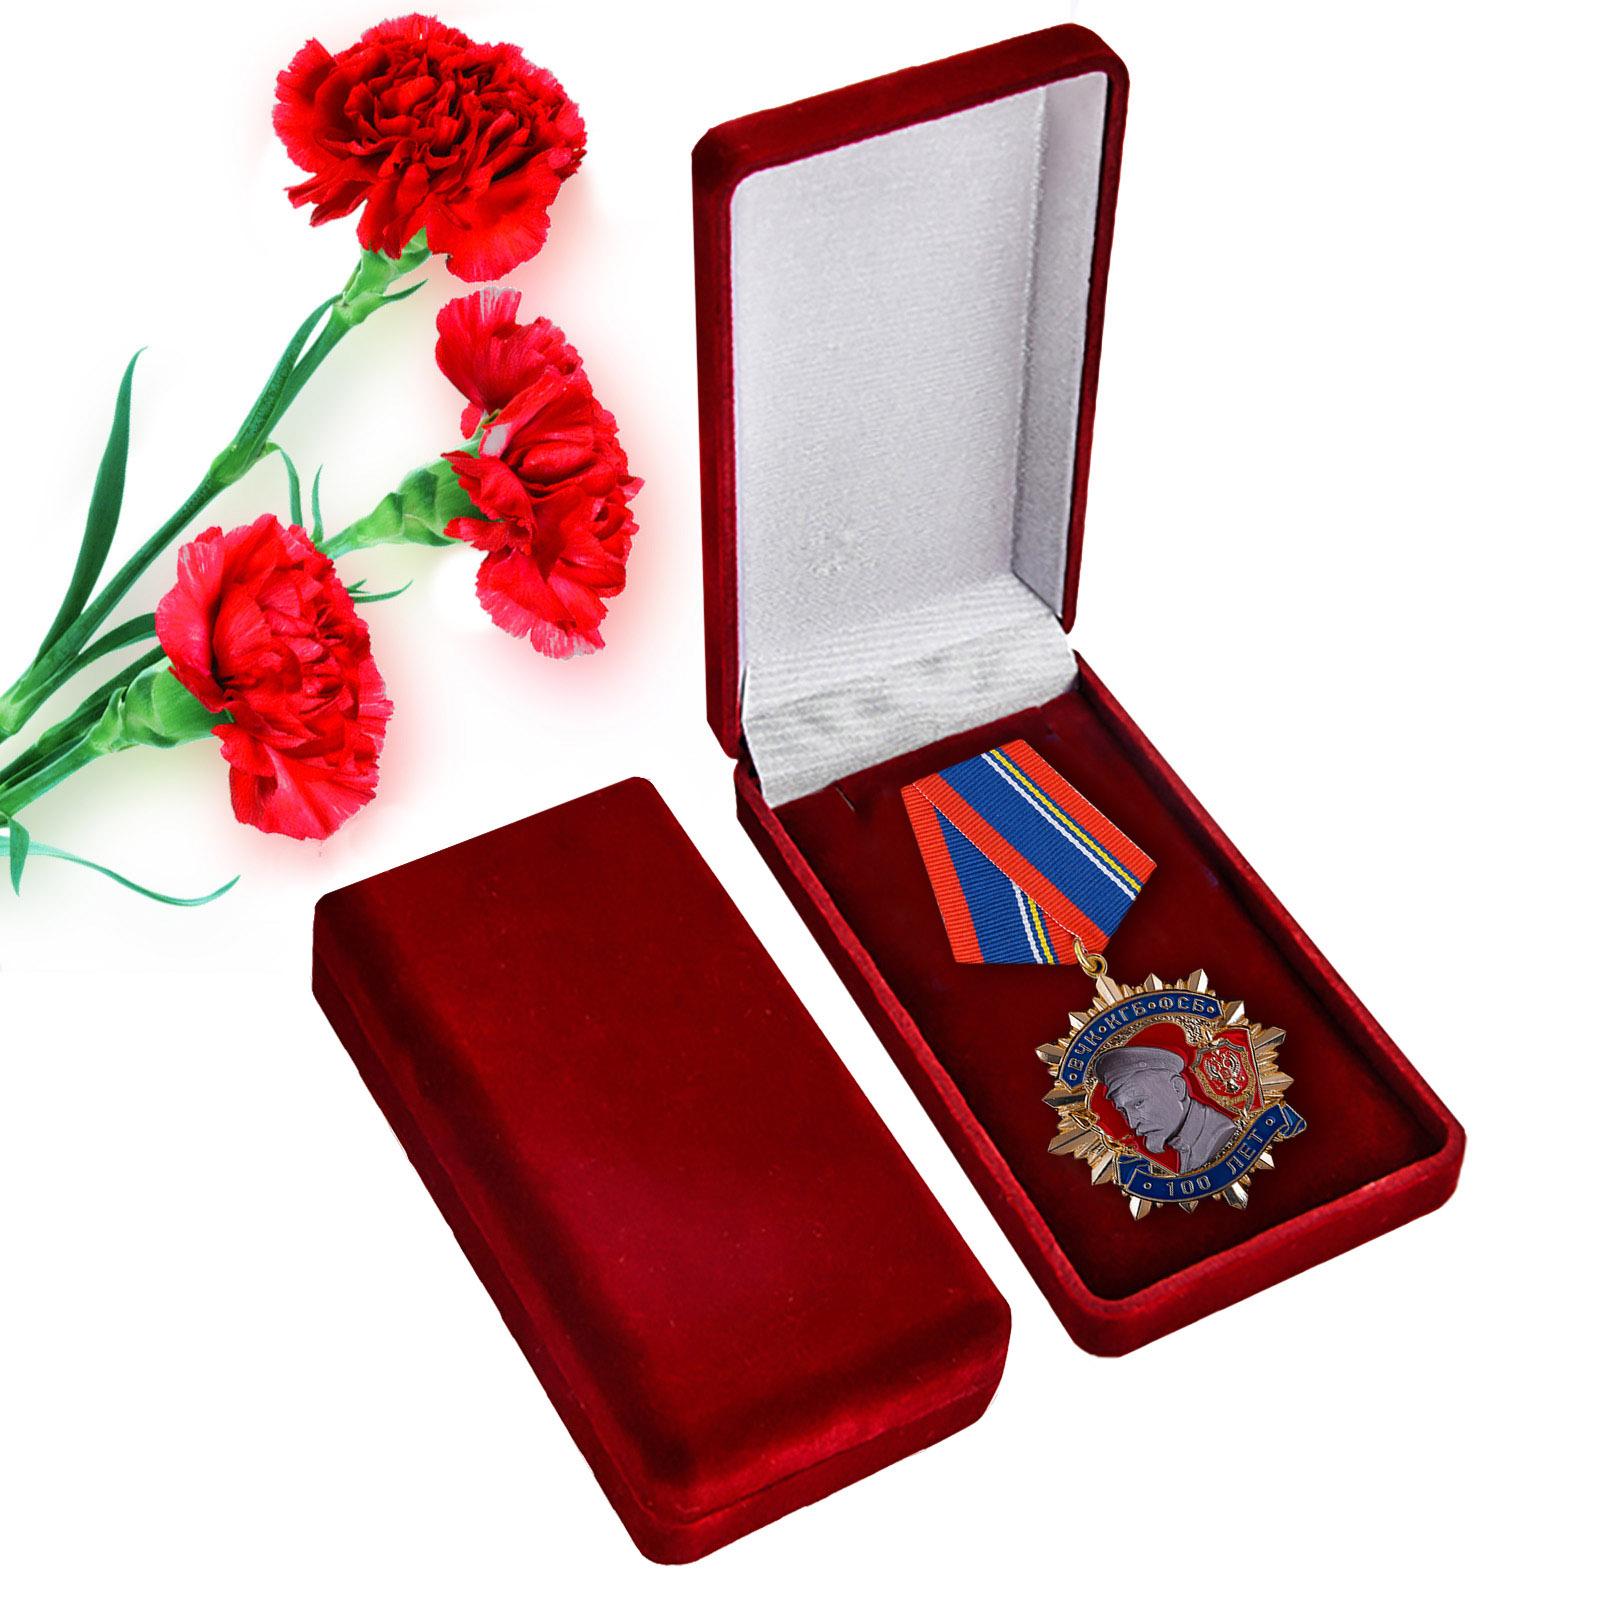 Юбилейный орден 100 лет ВЧК-КГБ-ФСБ Дзержинский в бархатном футляре